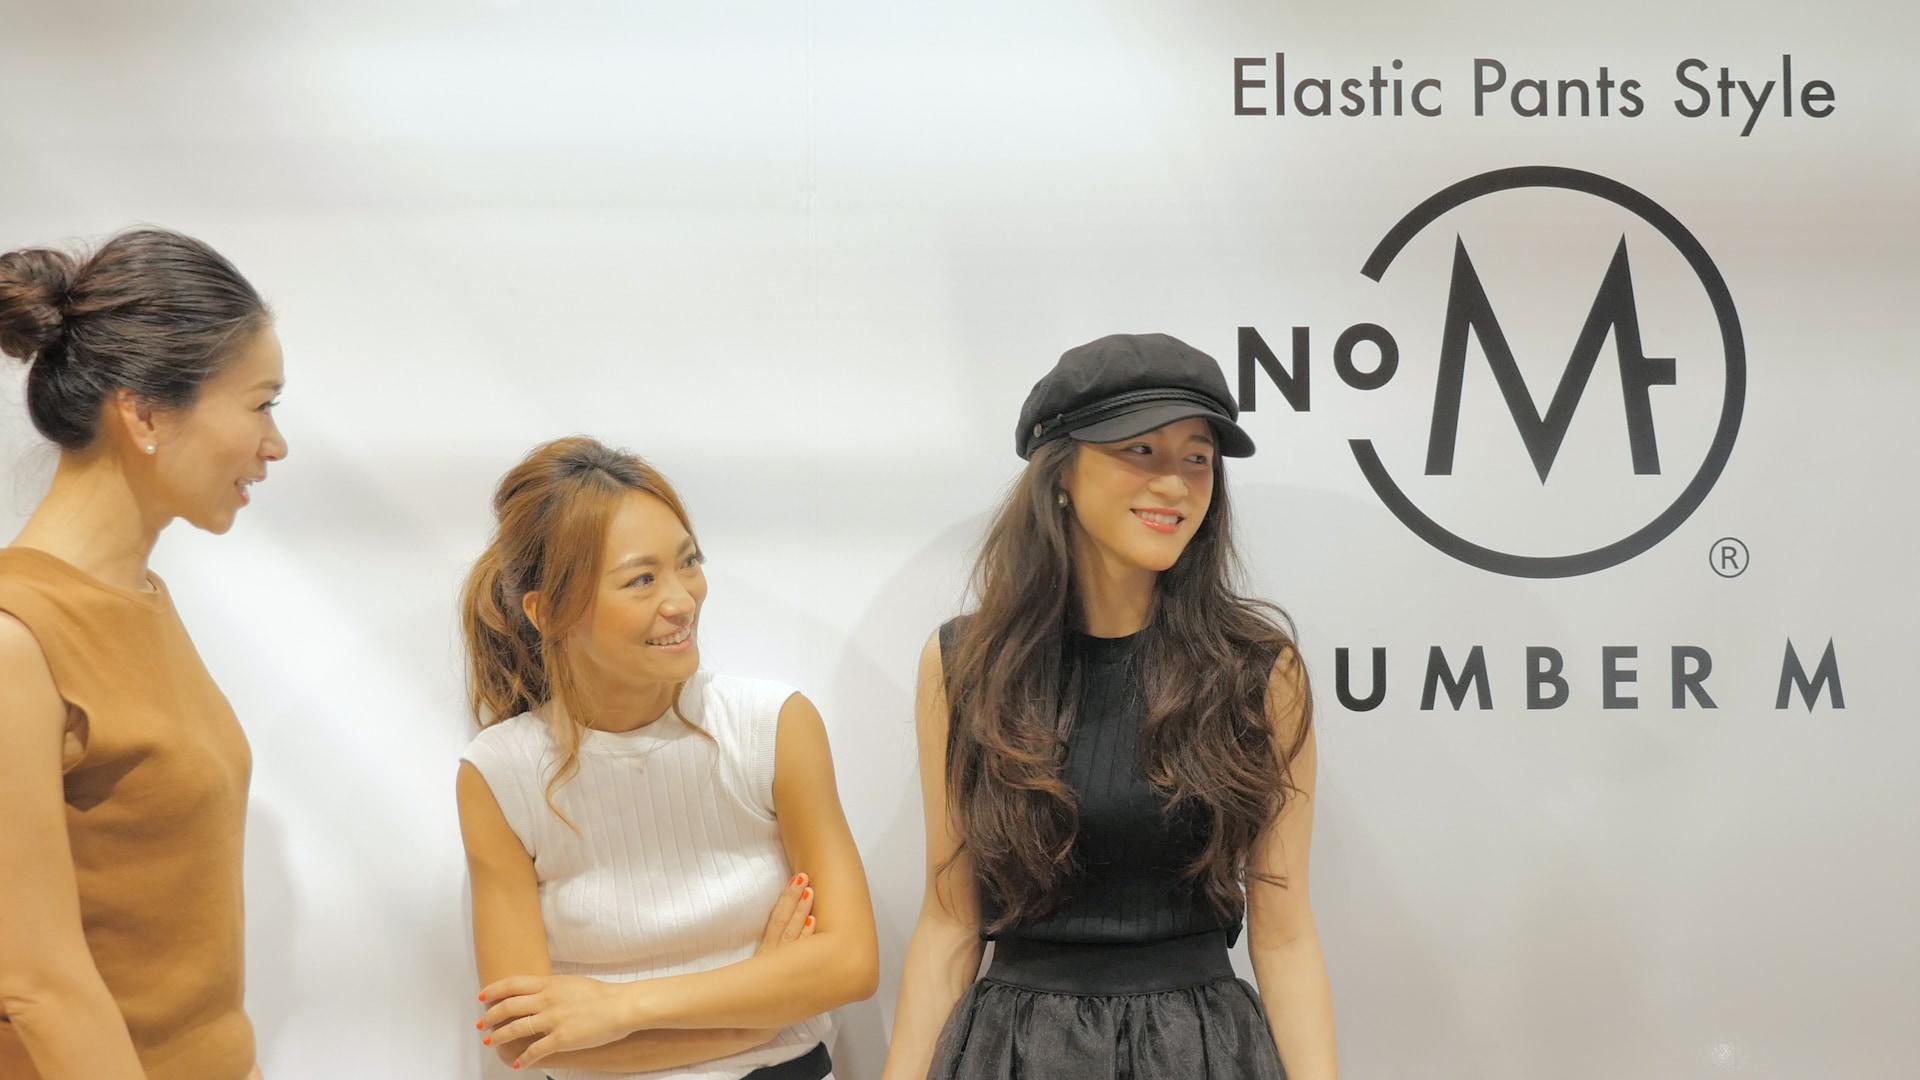 至極のエフォートレス+スタイリッシュパンツ『NUMBER M』デザイナーMIKAKO NAKAMURA